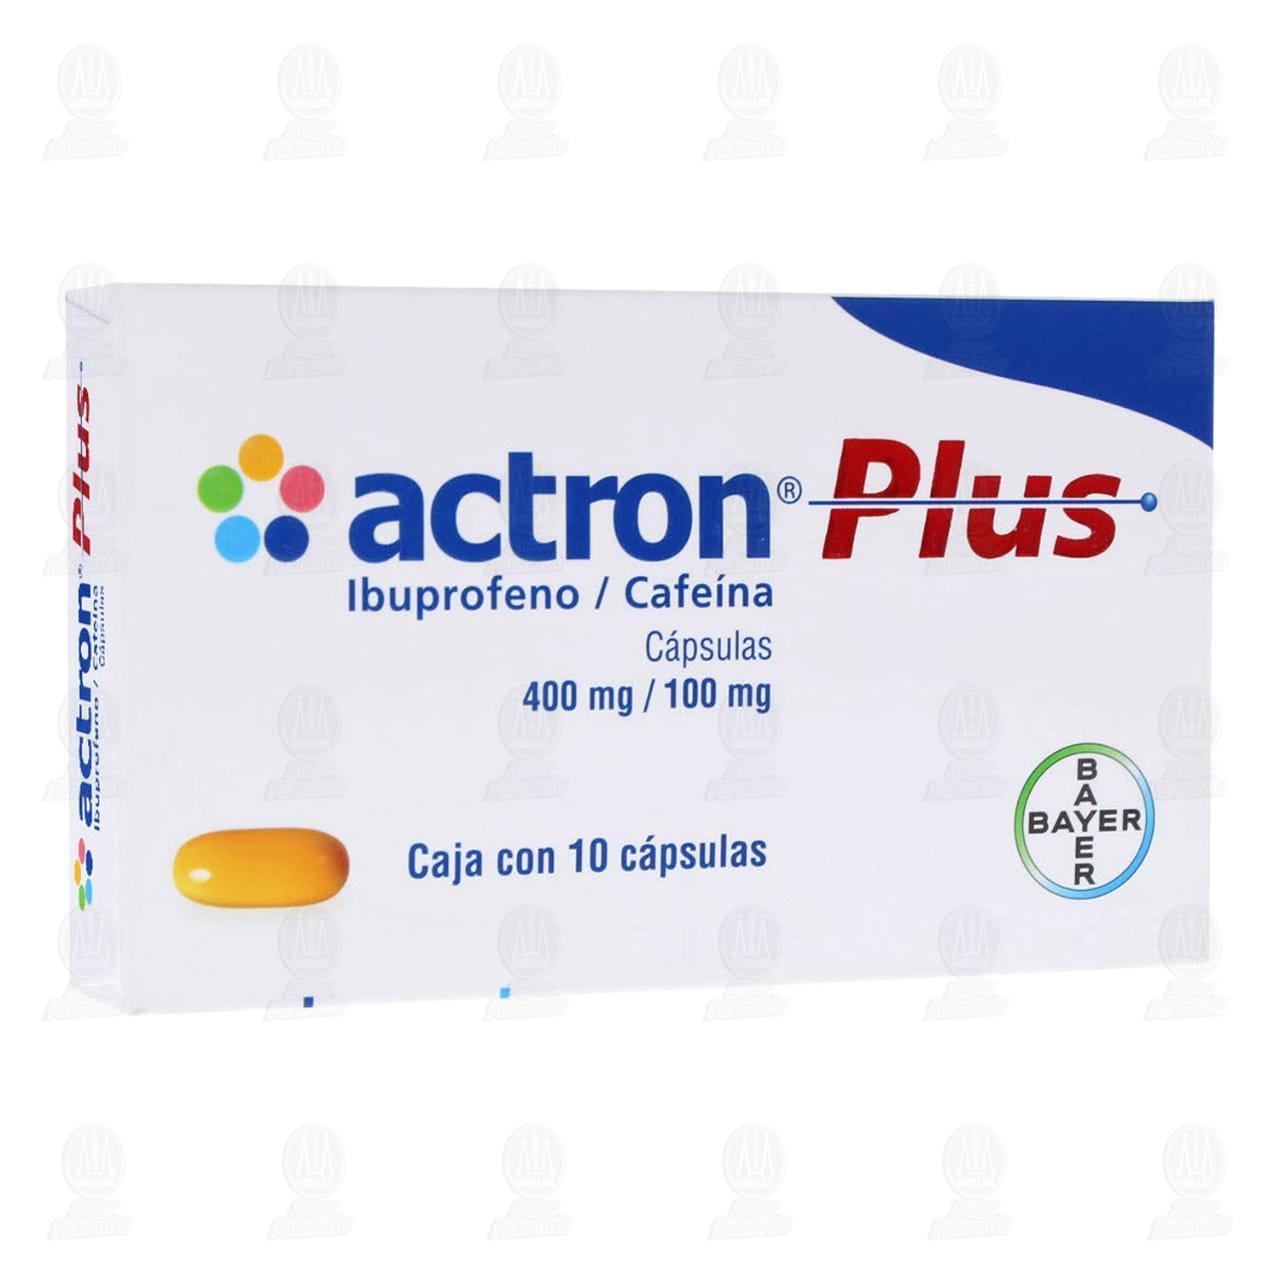 Comprar Actron Plus 400mg/100mg 10 Cápsulas en Farmacias Guadalajara